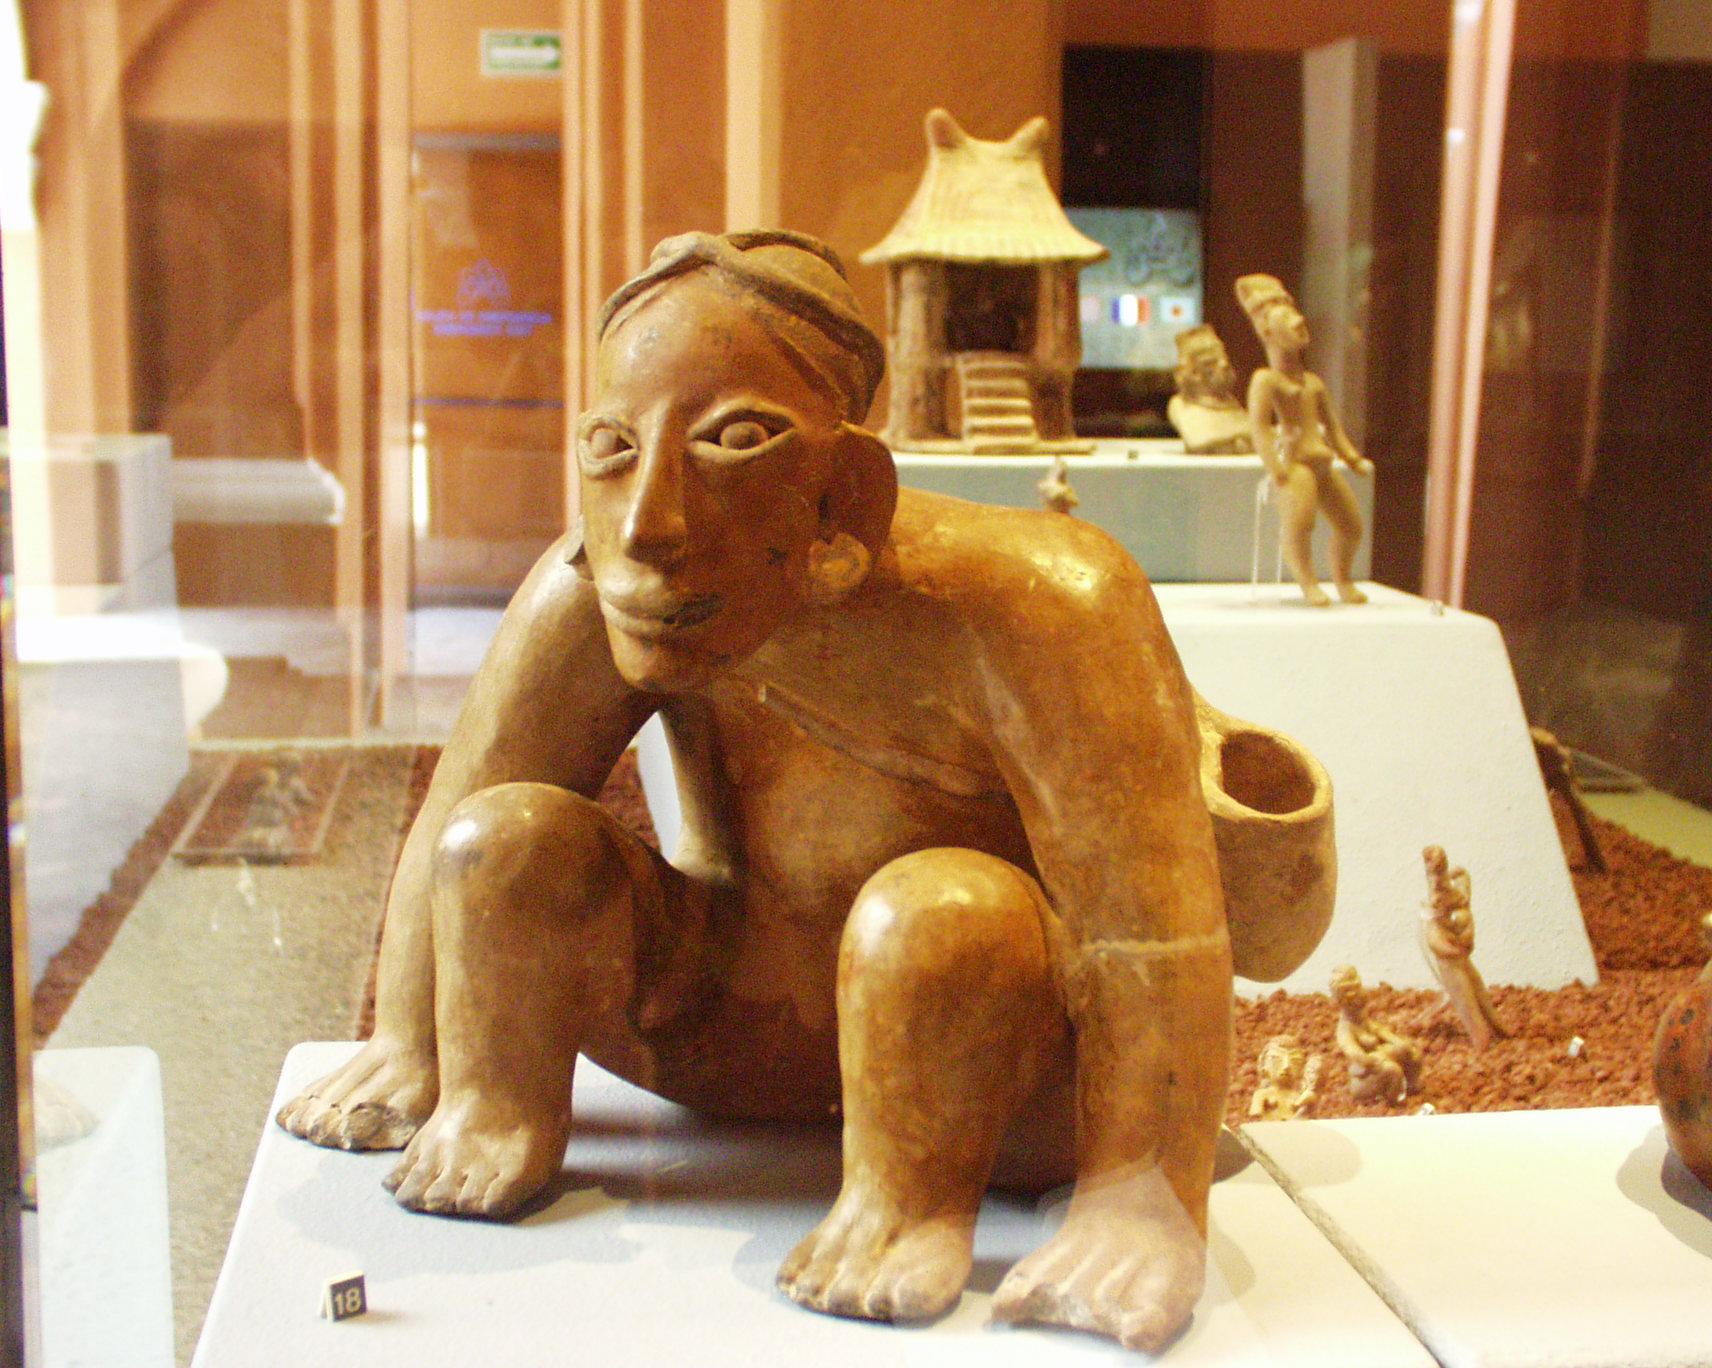 Museo Amparo Interior File:puebla Museo Amparo